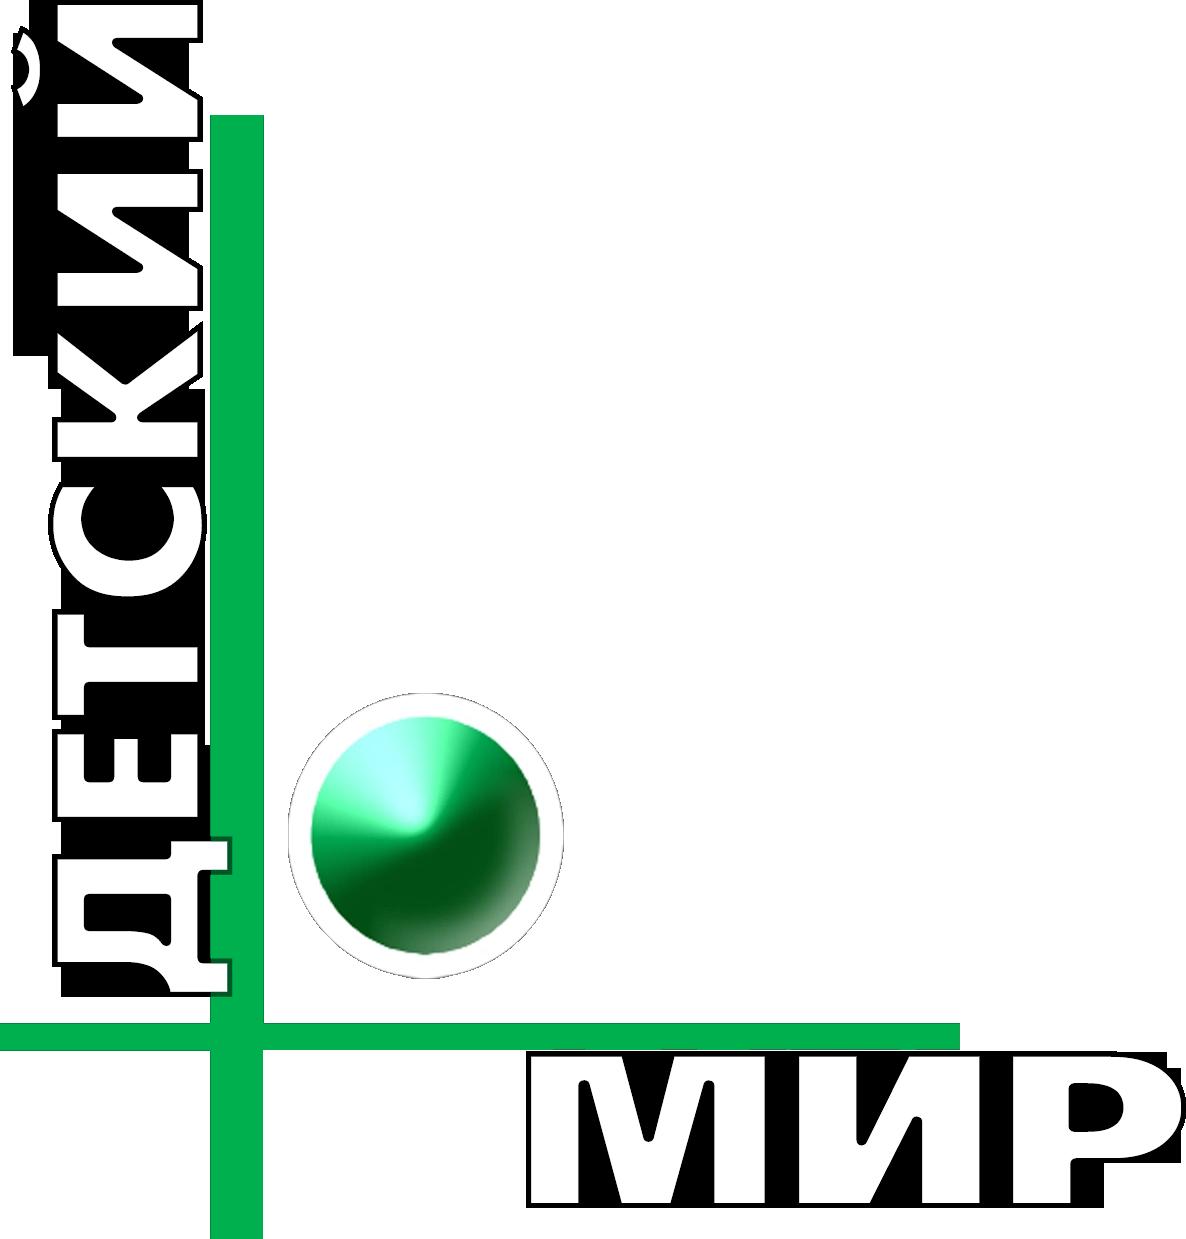 Detskiy Mir (TV channel)